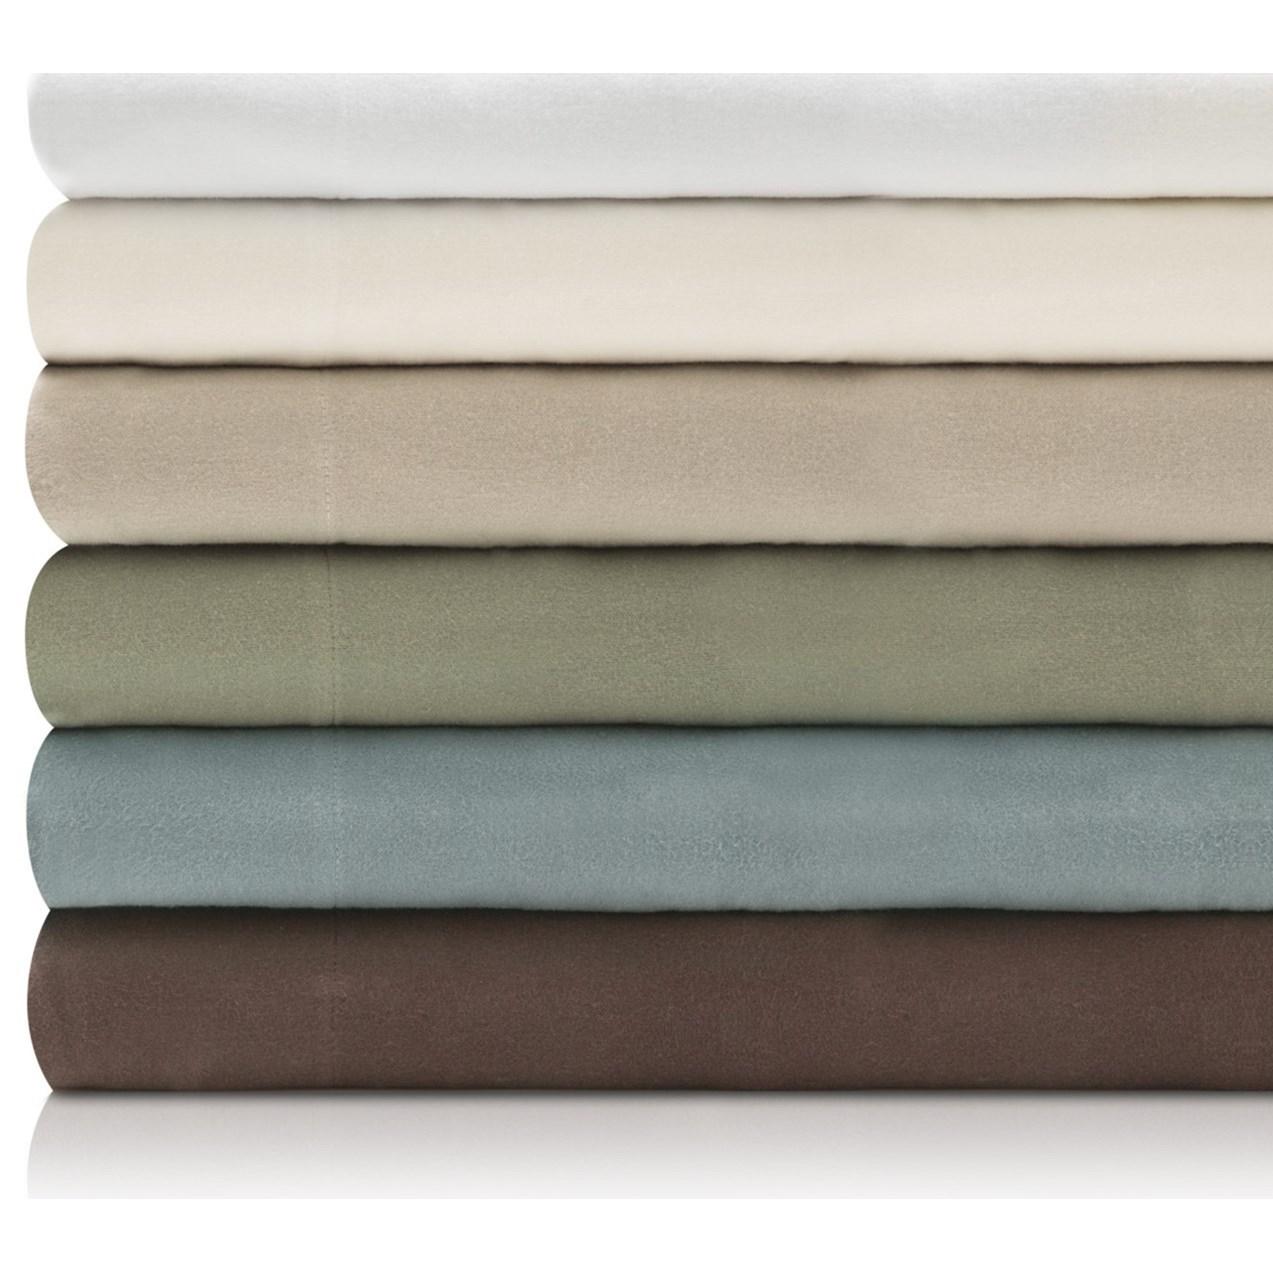 Malouf Portuguese Flannel Split King Woven™ Portuguese Flannel Sheet S - Item Number: WO19SKCOFS